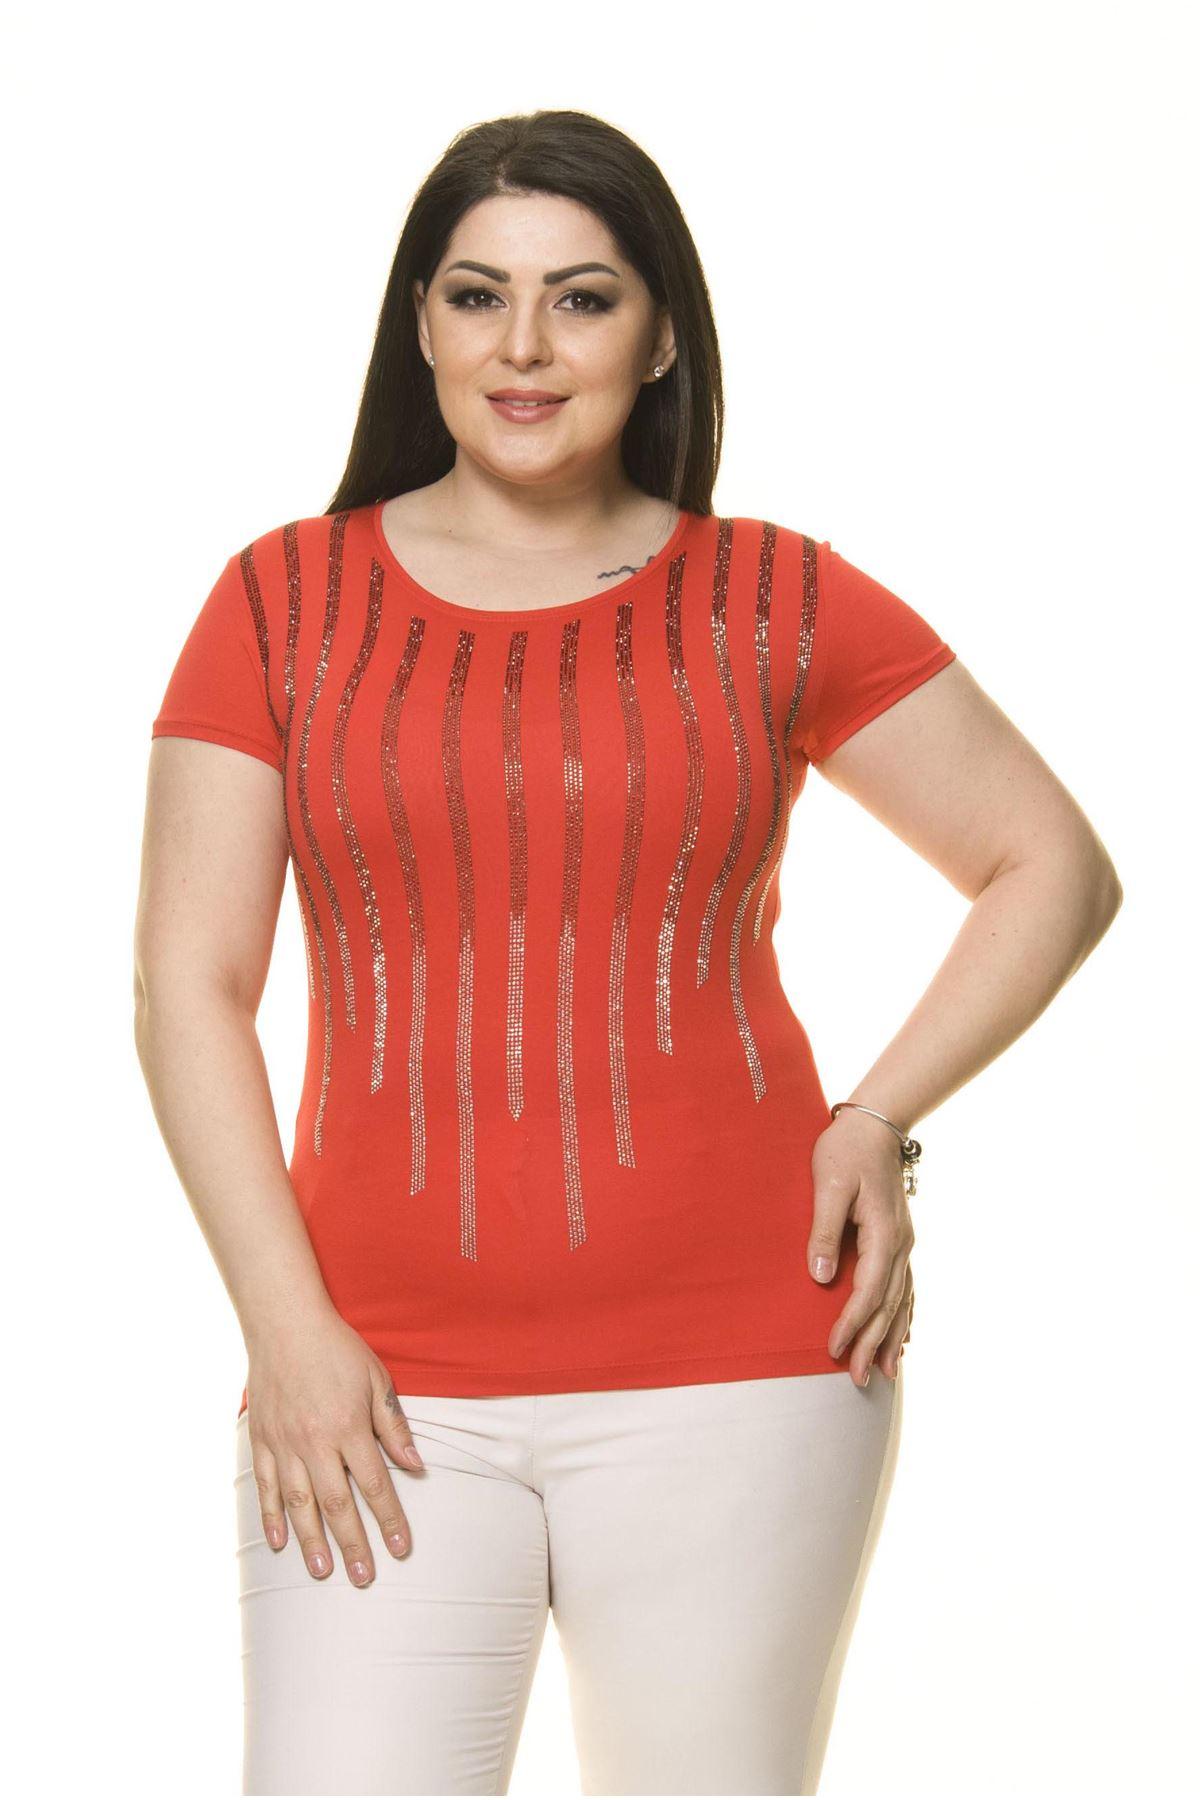 Kadın Büyük Beden KırmızıTaş İşlemeli Bluz 17E-70014-1